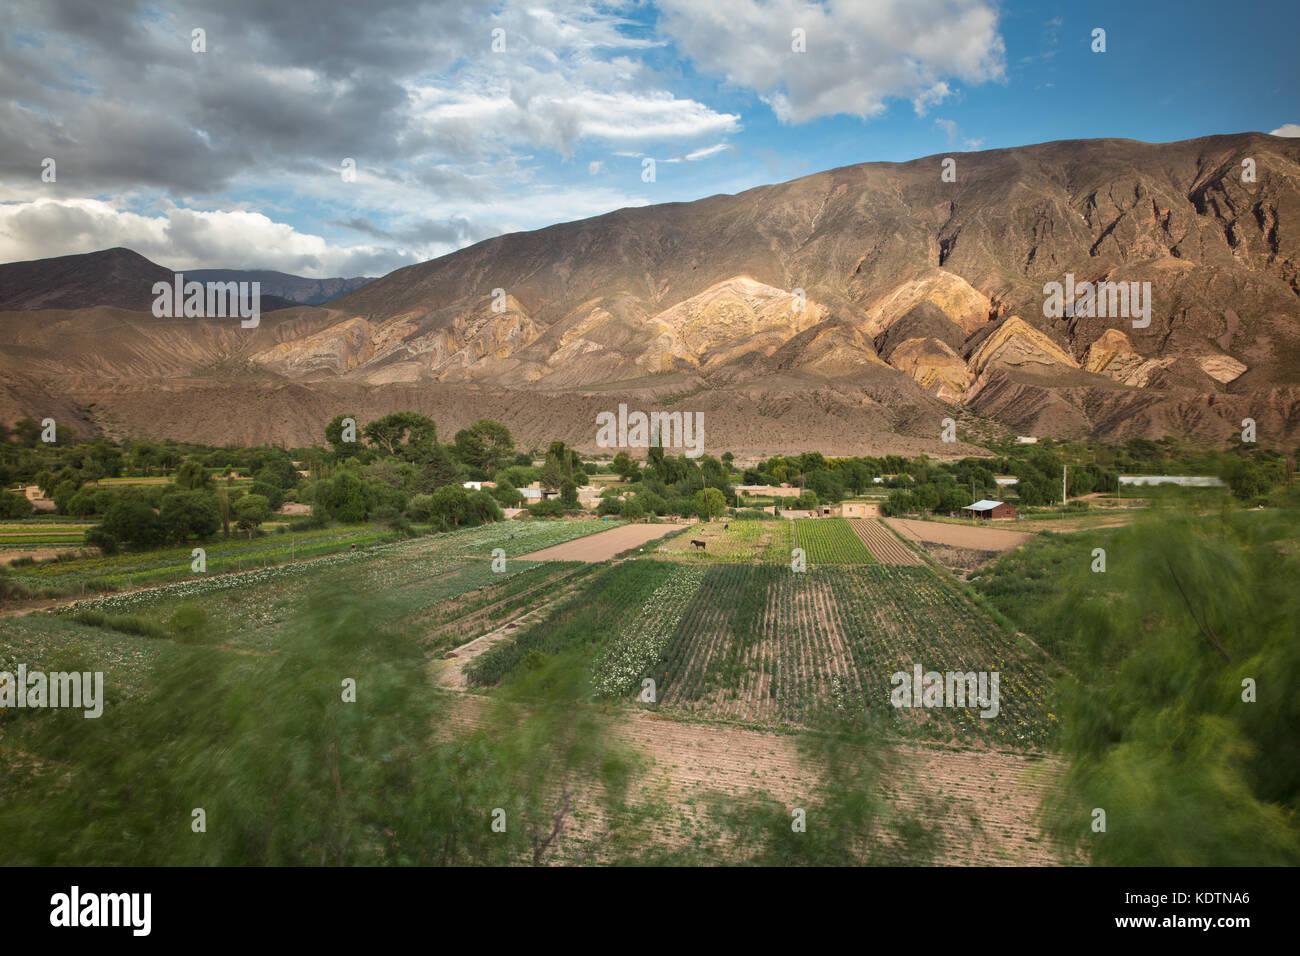 """Ackerland in der Nähe von Maimará, mit dem """"Hügel von Maler Palette' Jenseits, Quebrada Stockbild"""